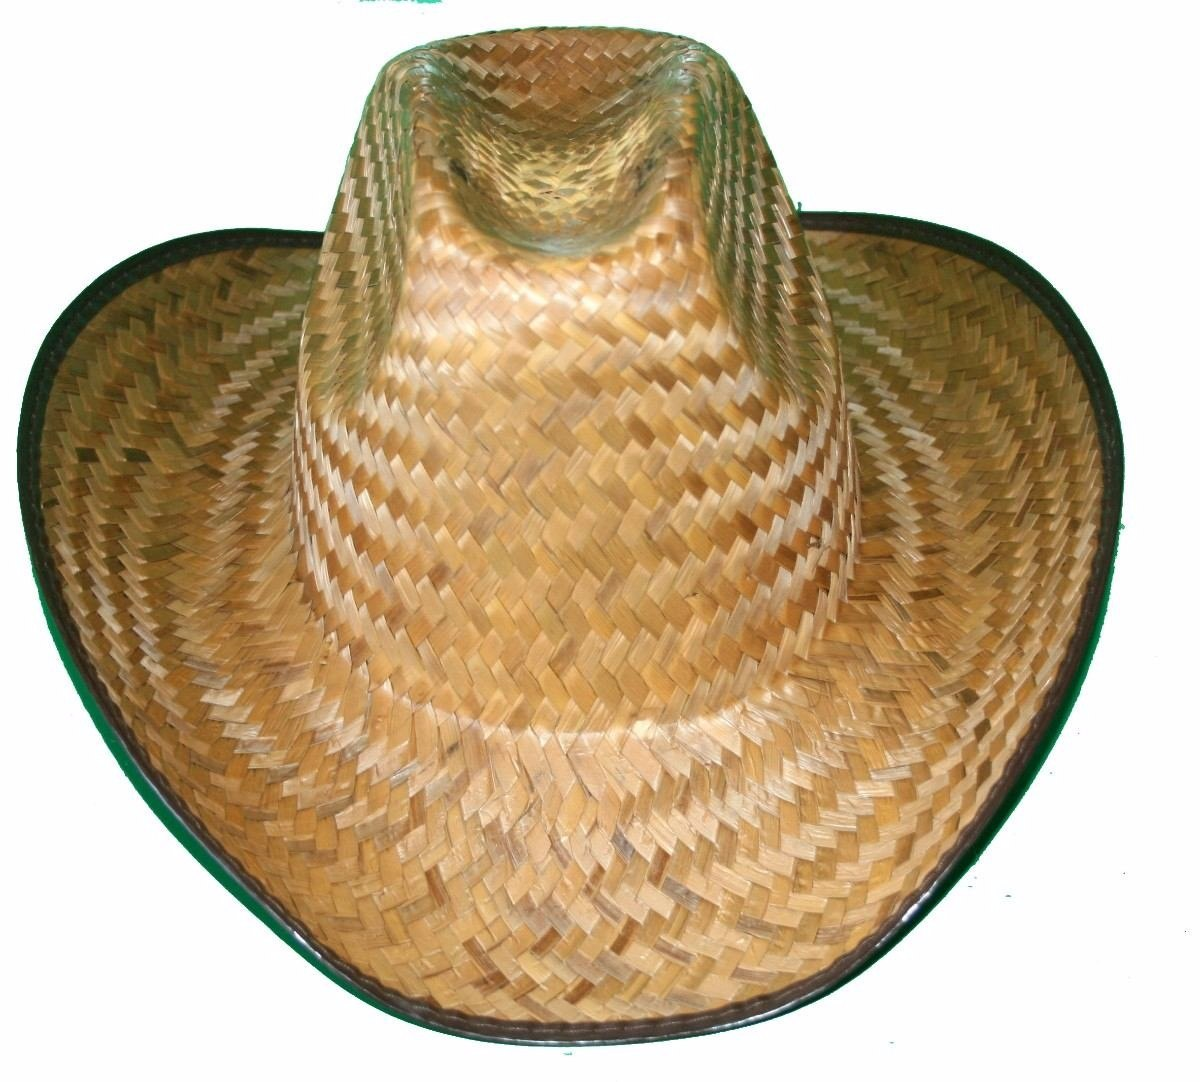 62da470c0a6ad 20 Sombreros Palma Vaquero Para Fiestas Y Eventos -   310.00 en ...